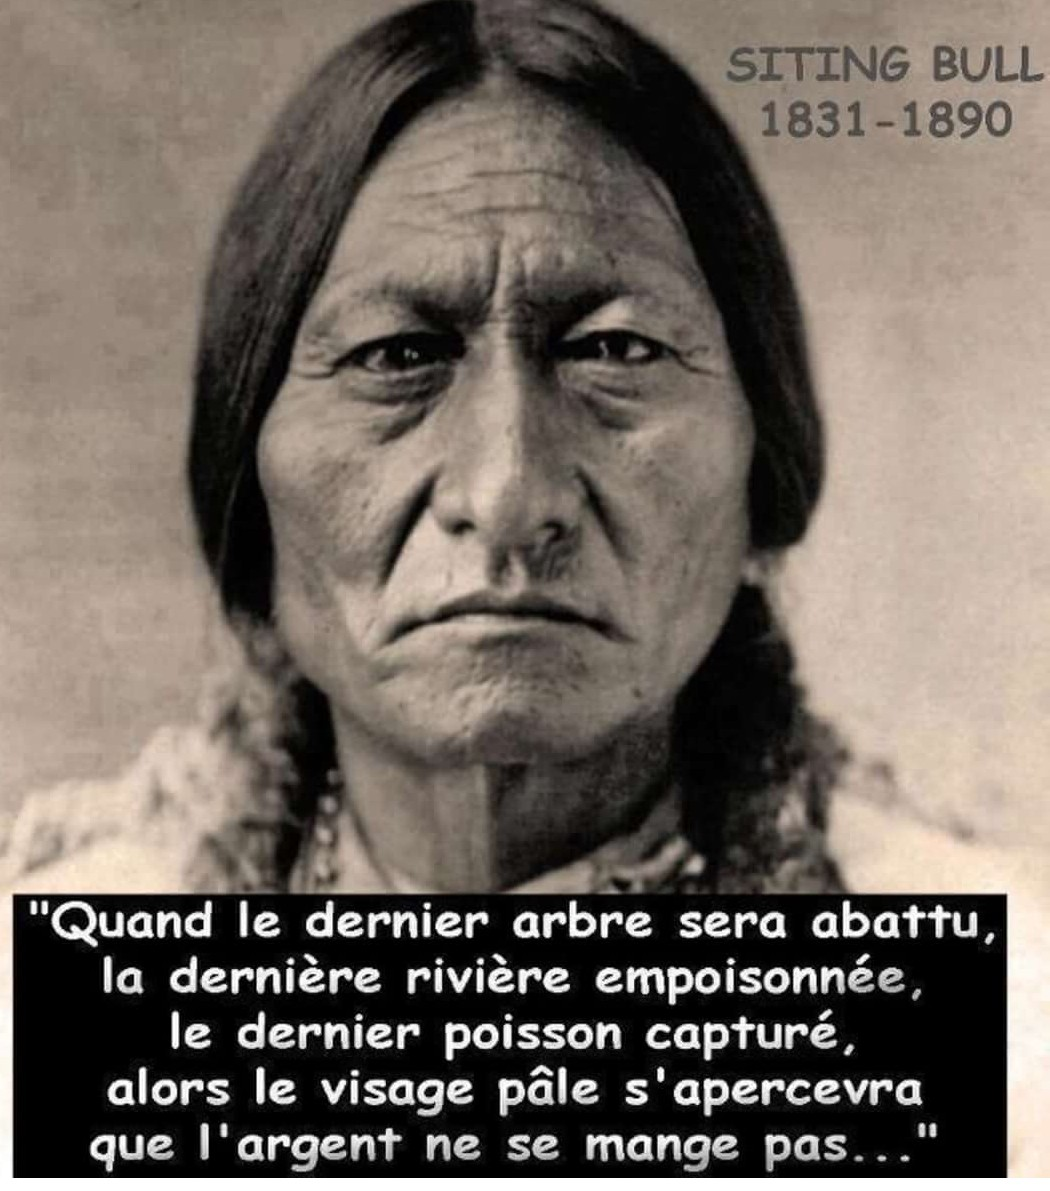 Sitting Bull avait tout prévu, y compris la fin prévisible de notre monde